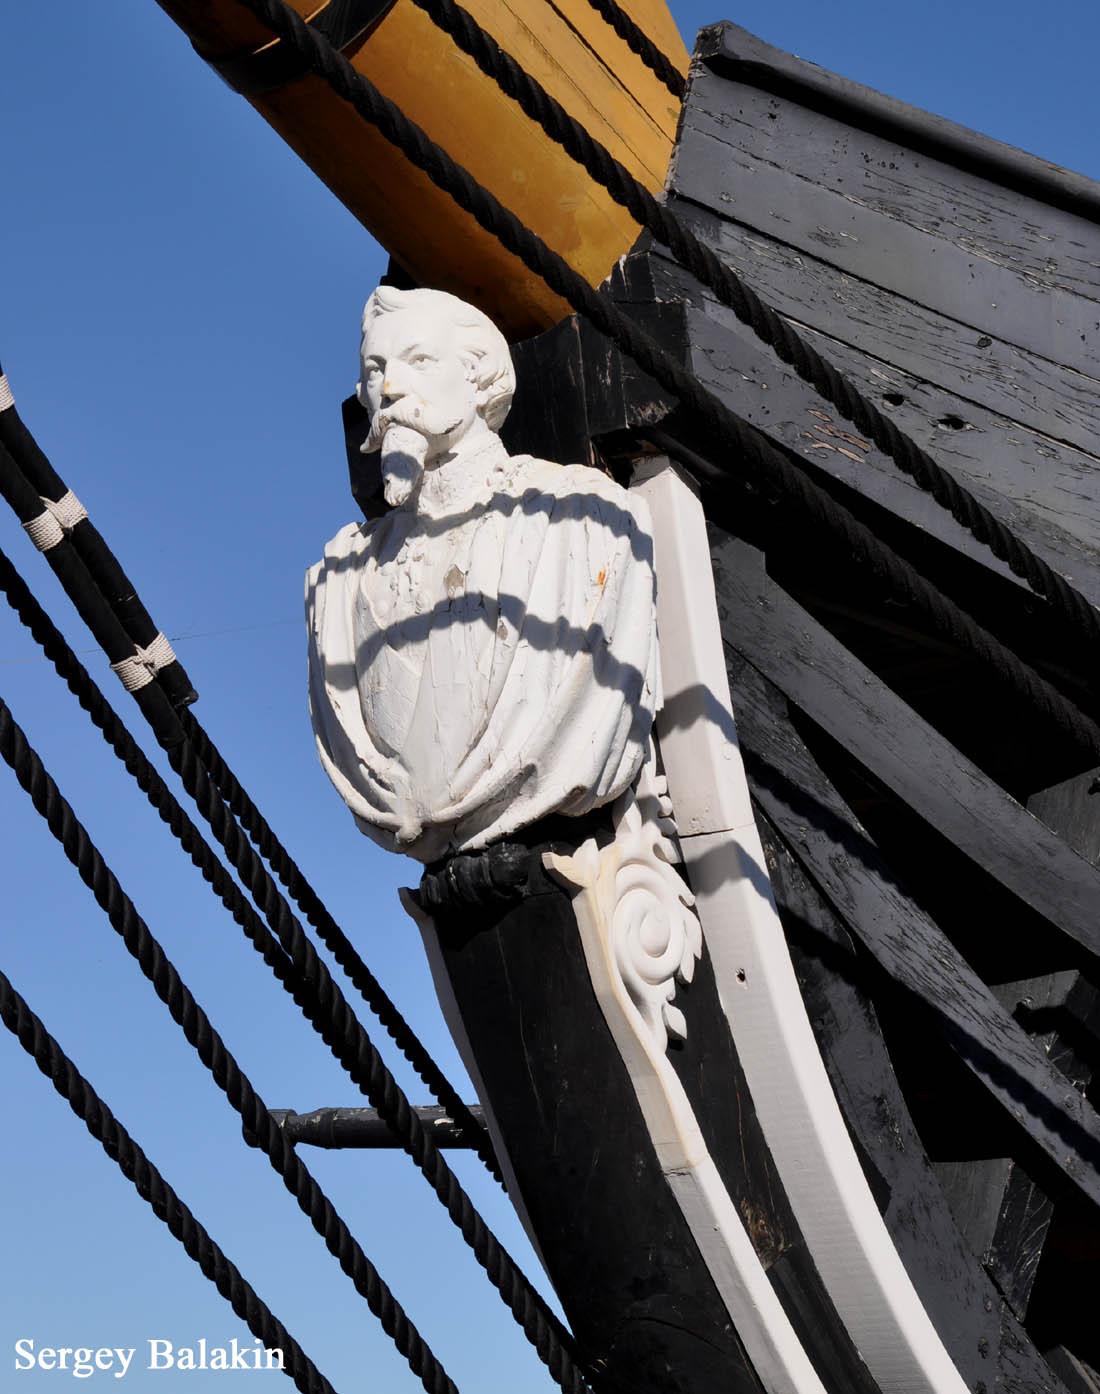 Носовая фигура фрегата представляет собой скульптурный портрет Фердинанда II.